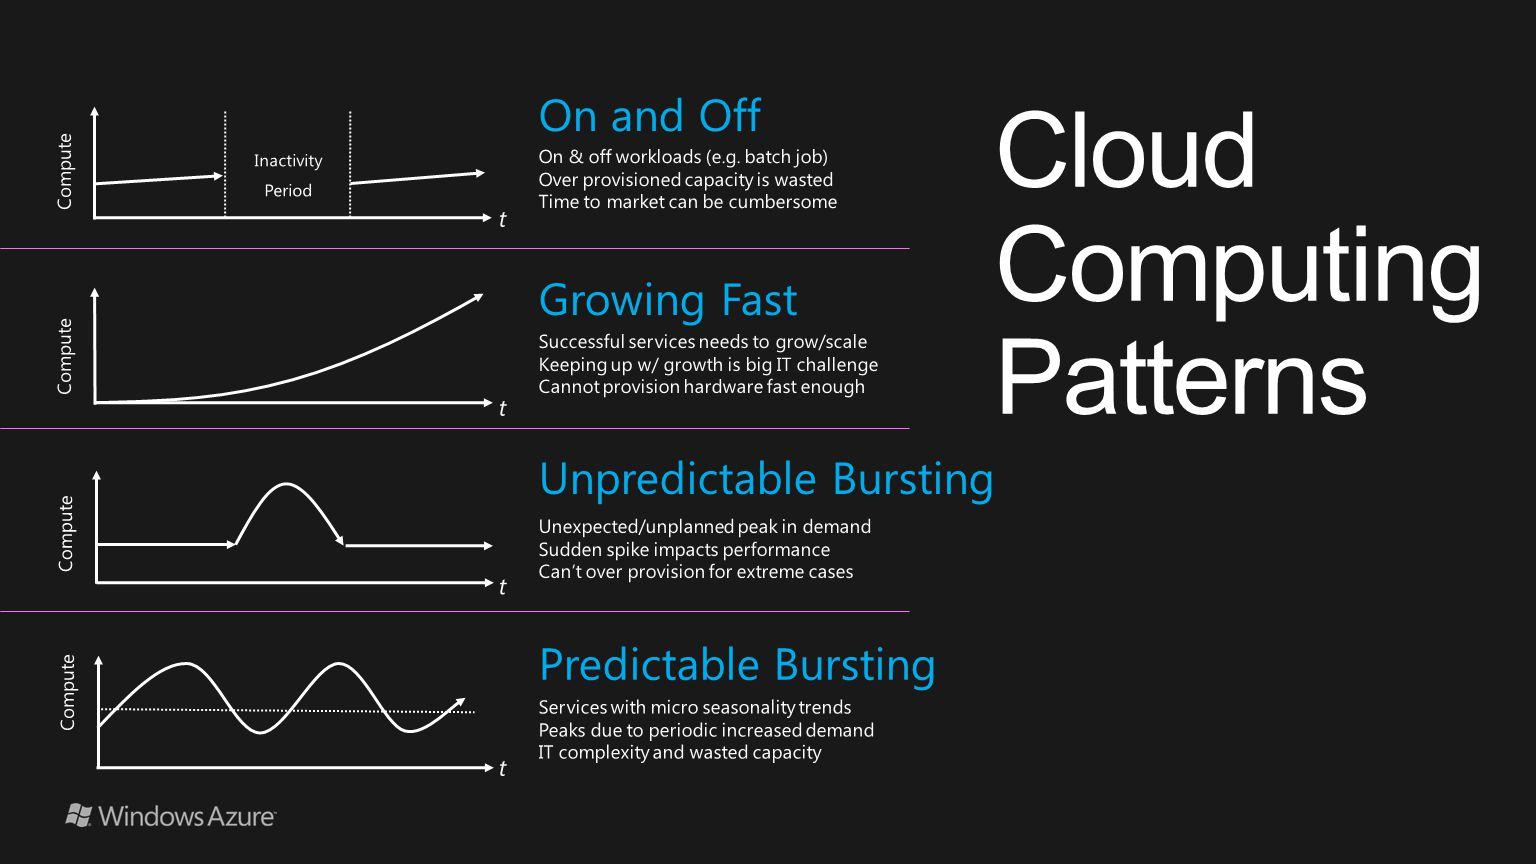 Cloud Computing Patterns